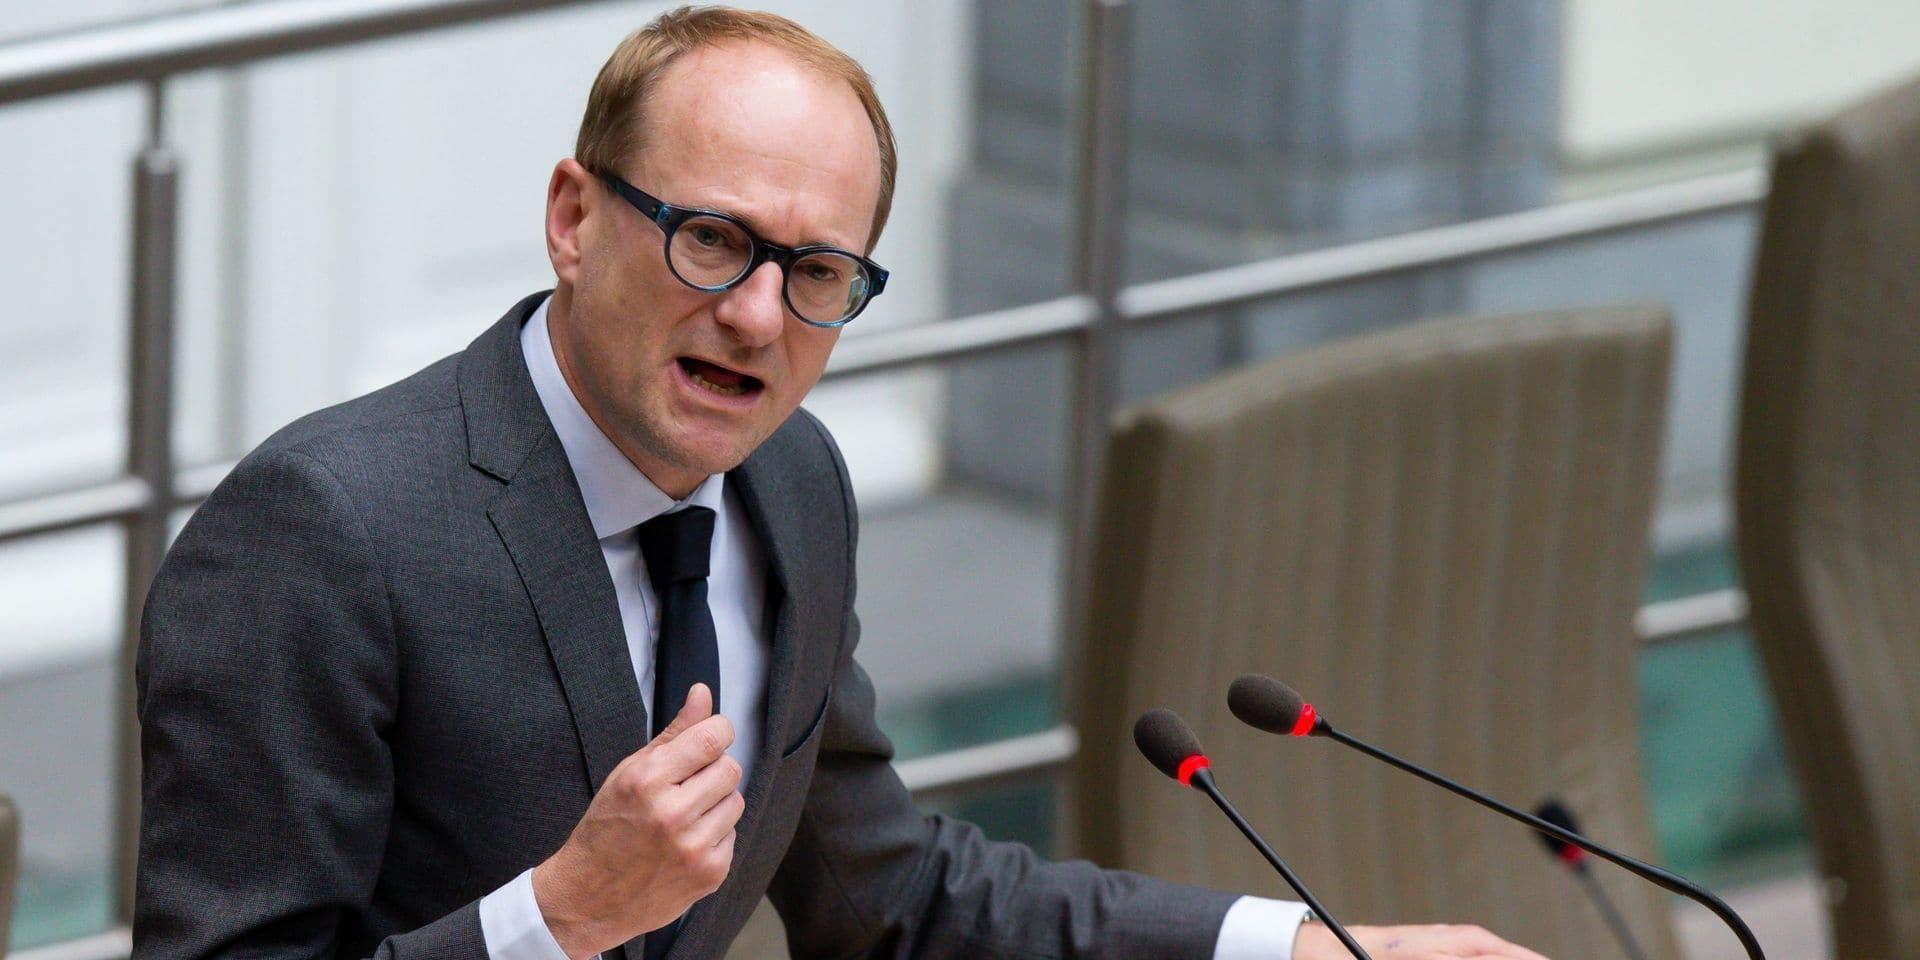 """Les voitures des ministres flamands créent la polémique au parlement: """"J'ai besoin d'un véhicule avec un certain standing, pas d'une Toyota"""""""